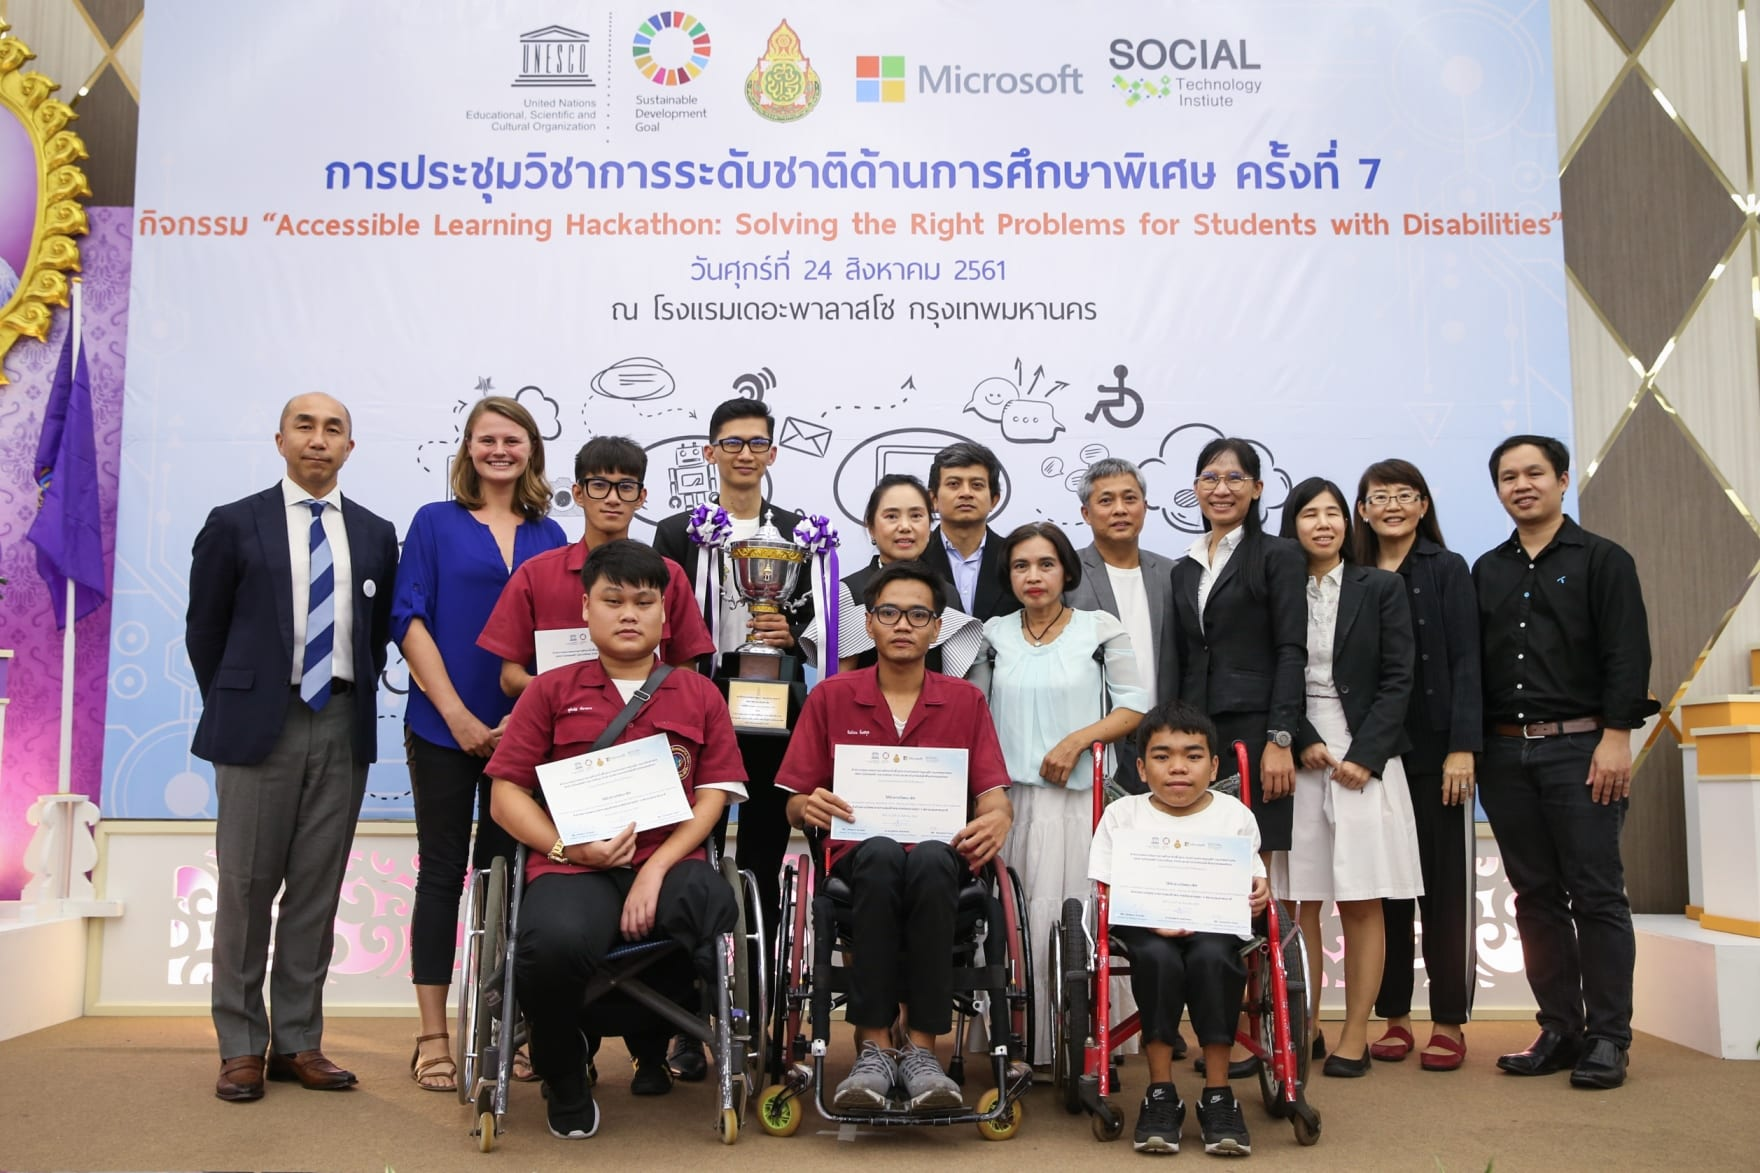 """ไมโครซอฟท์ ส่งเสริมการพัฒนานวัตกรรม สนับสนุนการเรียนรู้สำหรับนักเรียนพิการ ผ่านการแข่งขัน """"Accessible Learning Hackathon"""" 1"""